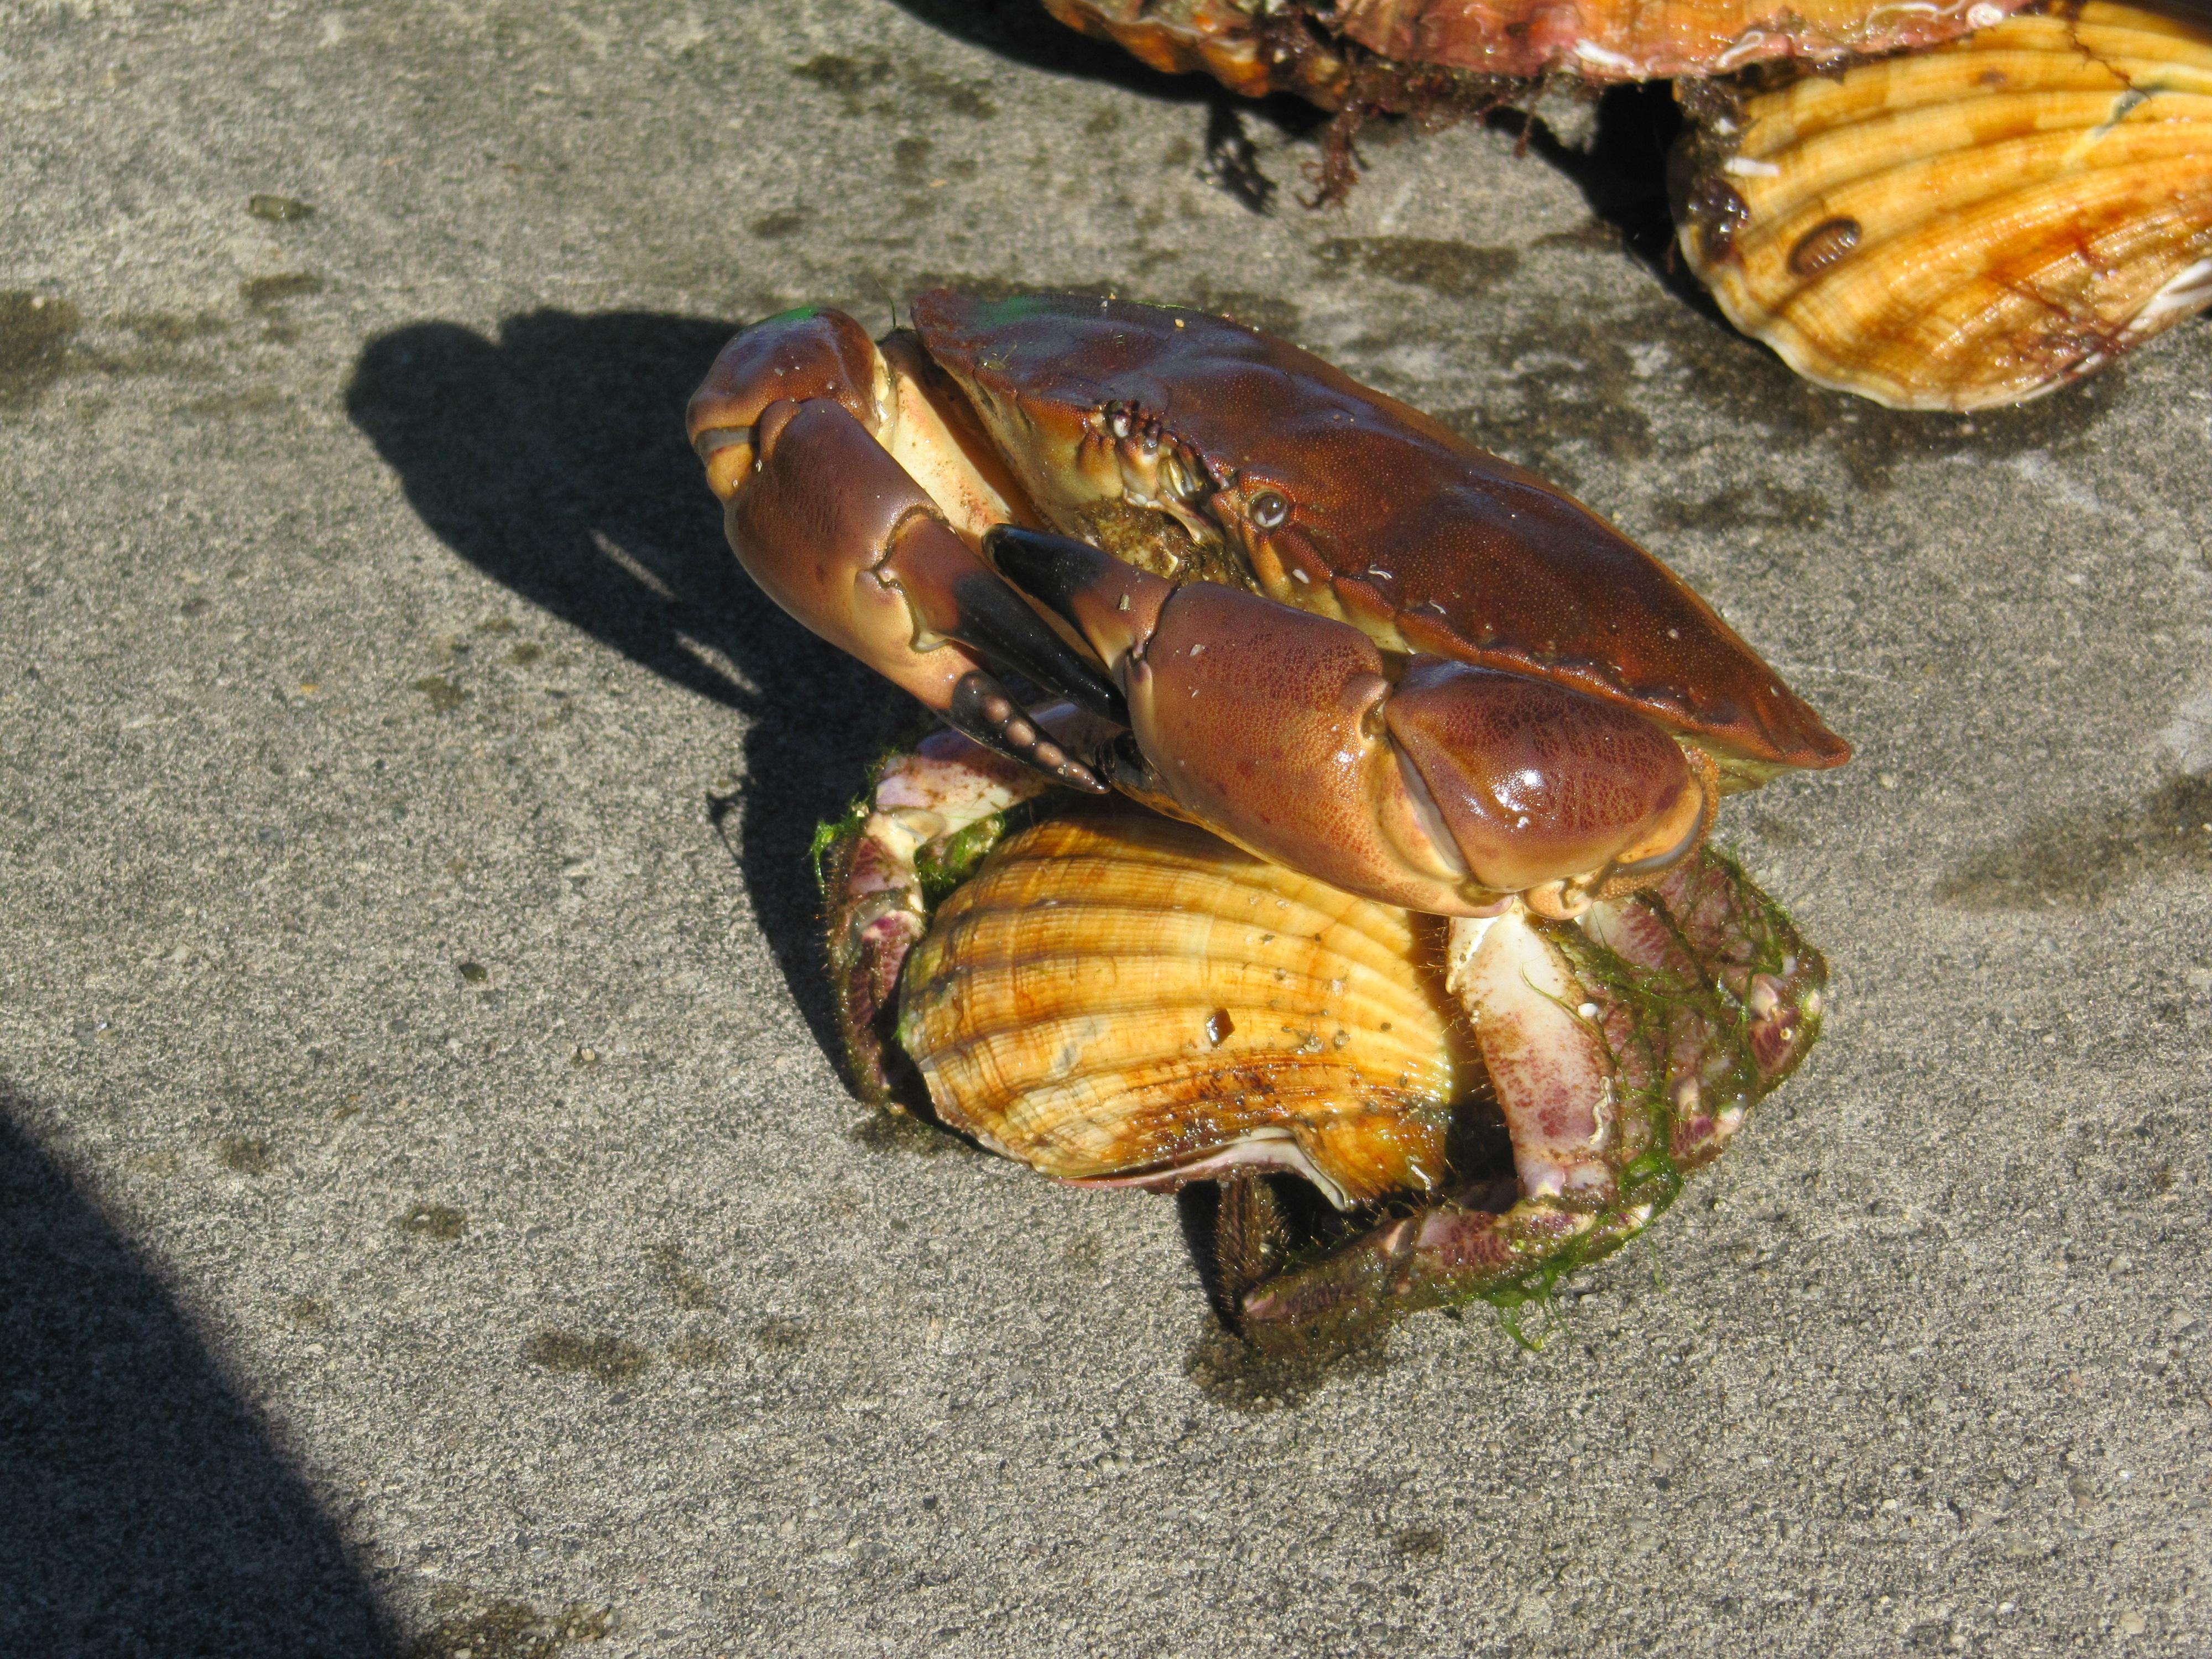 Krabbe tviholder på en kamskjell